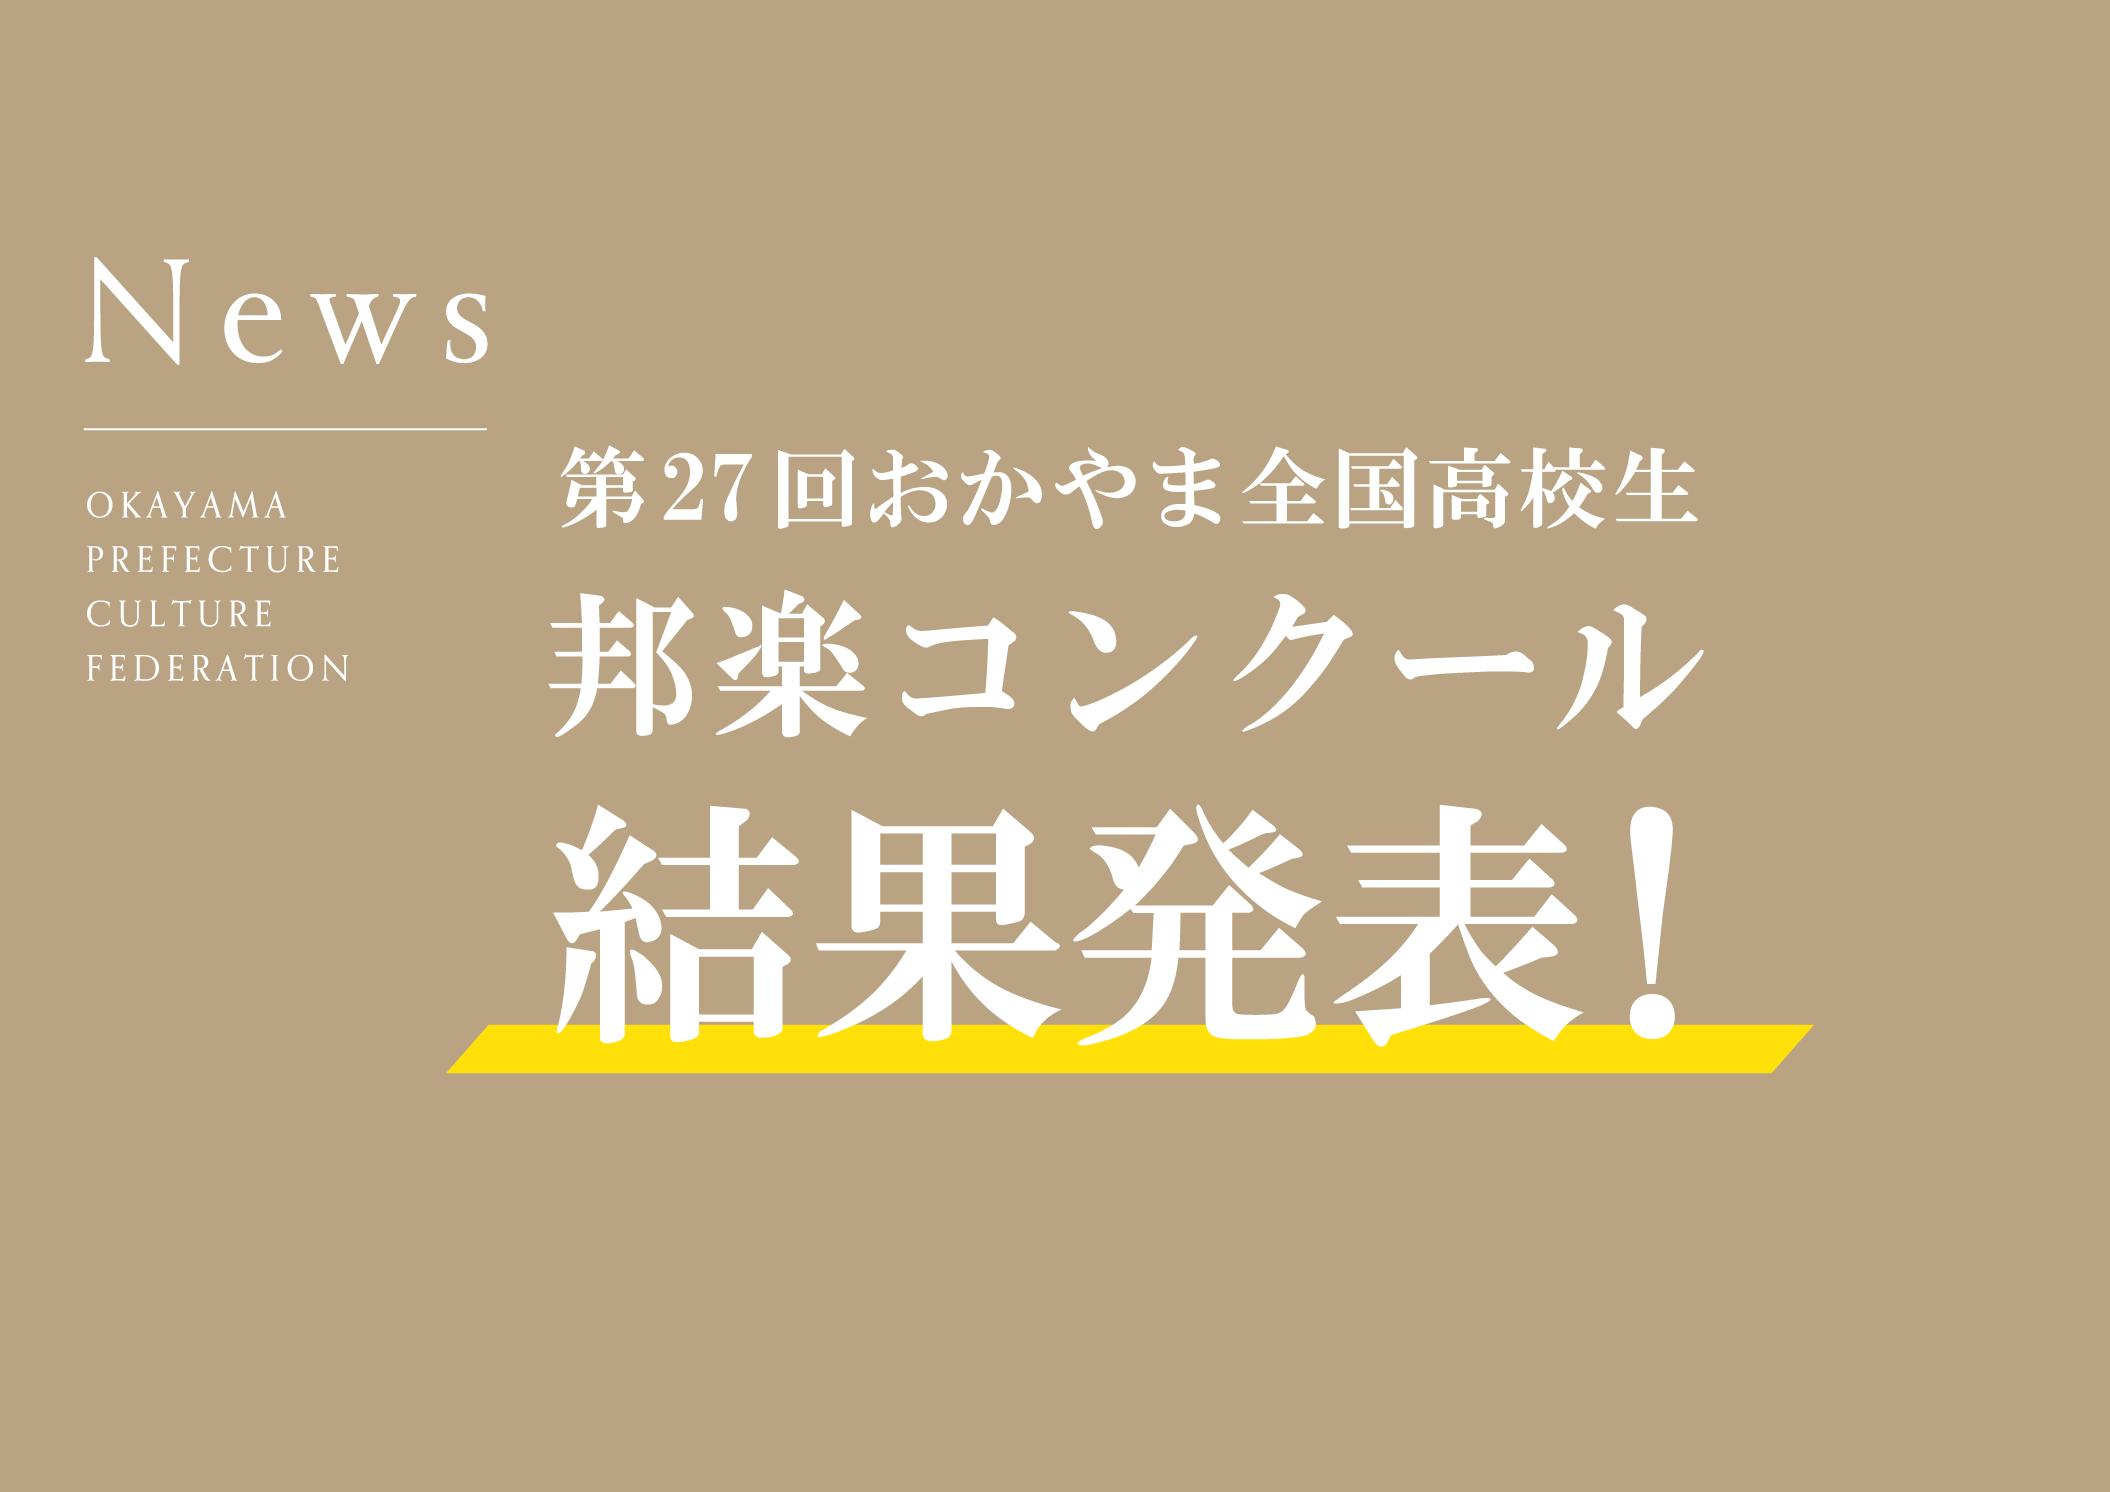 第27回おかやま全国高校生邦楽コンクール結果発表!